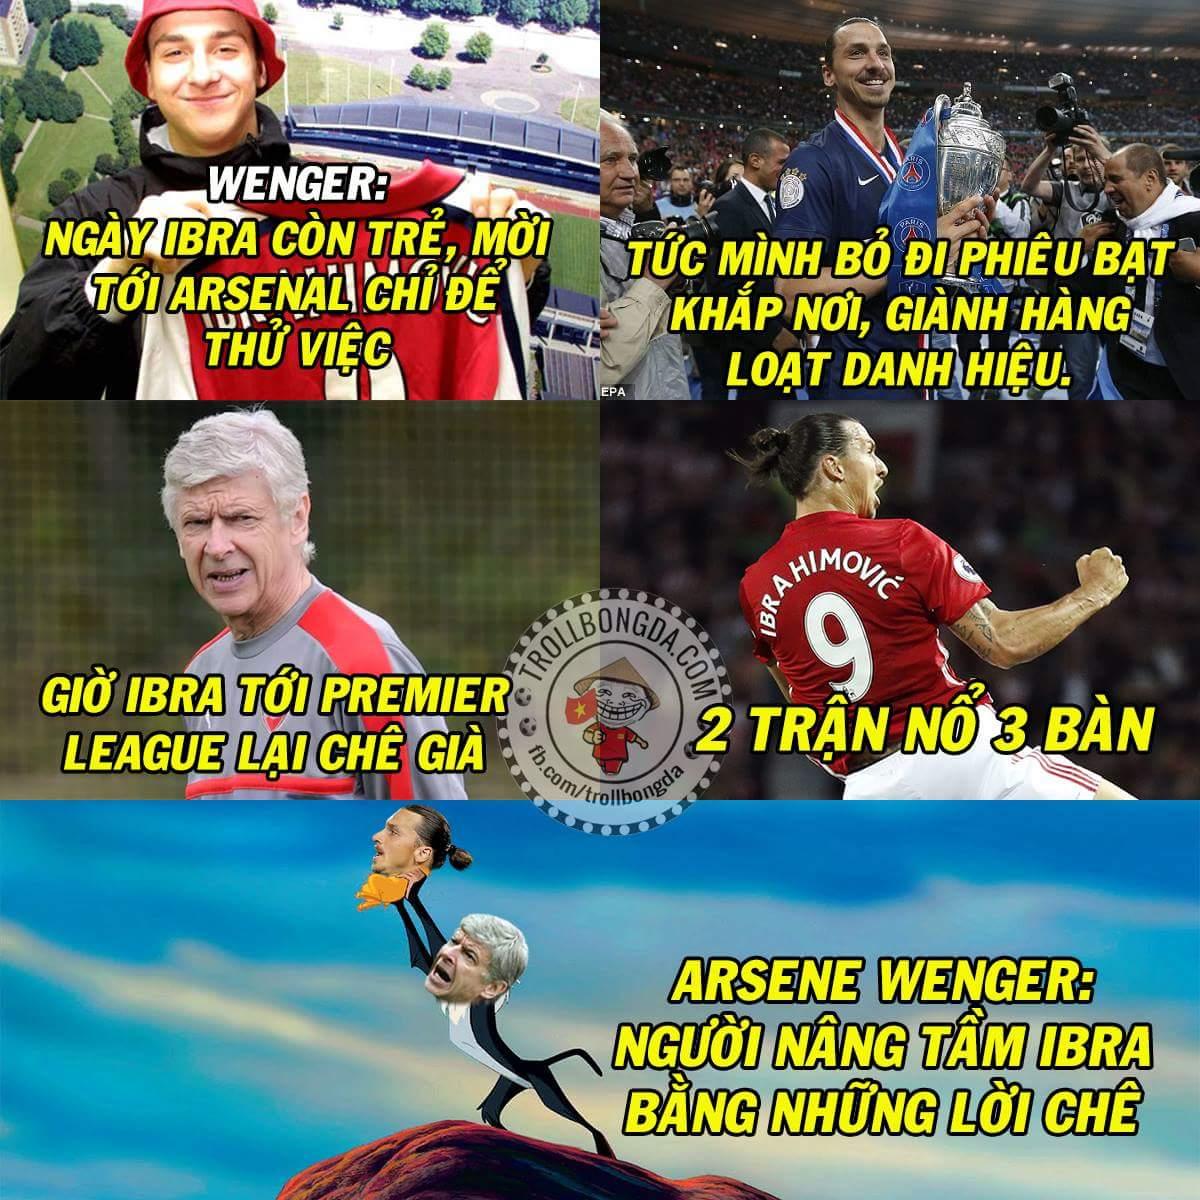 Động lực tiến xa của Ibra là đây sao ? :v  #Wenger